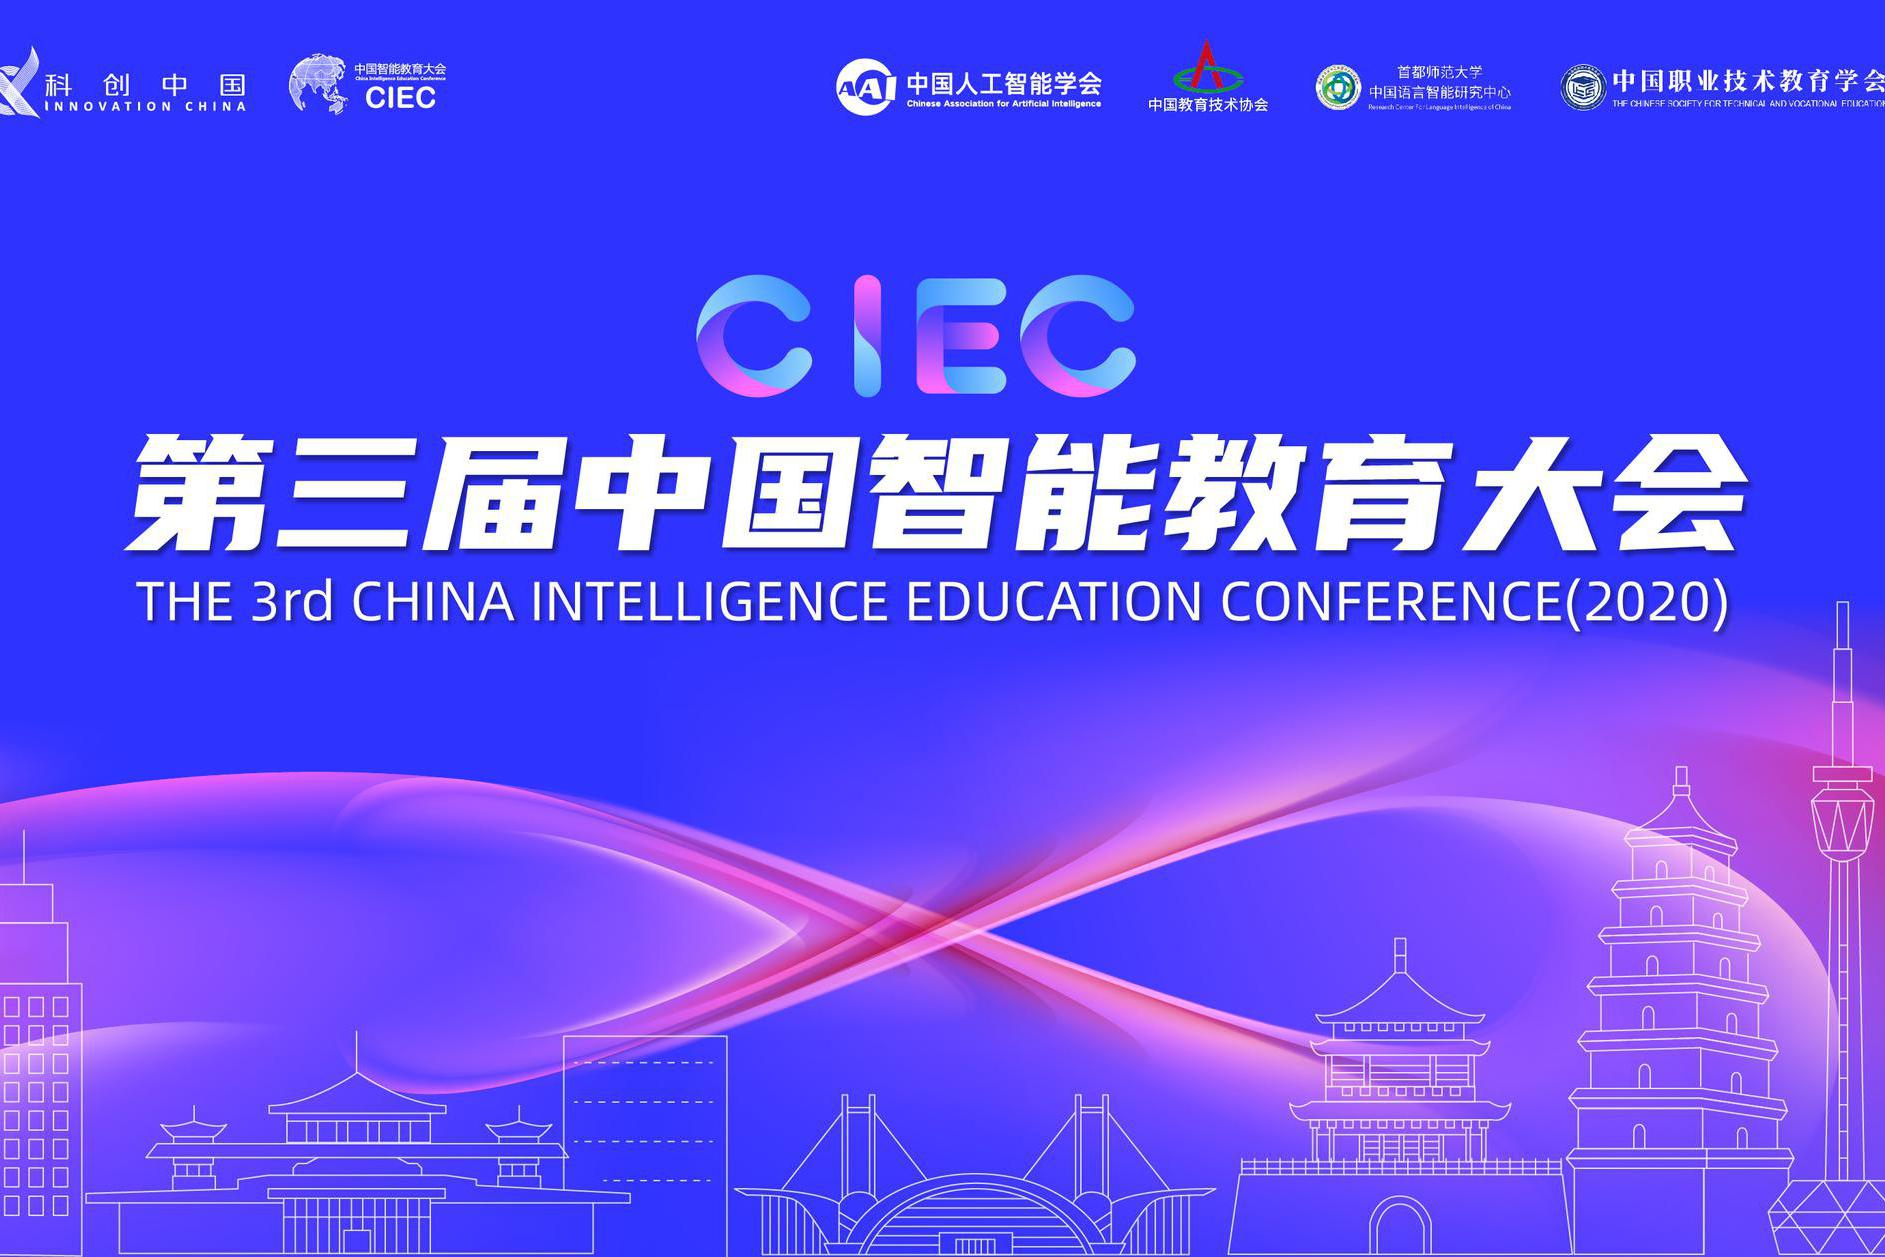 8位业界大咖西安行:解码教学改革新思路,解锁智能教育新模式